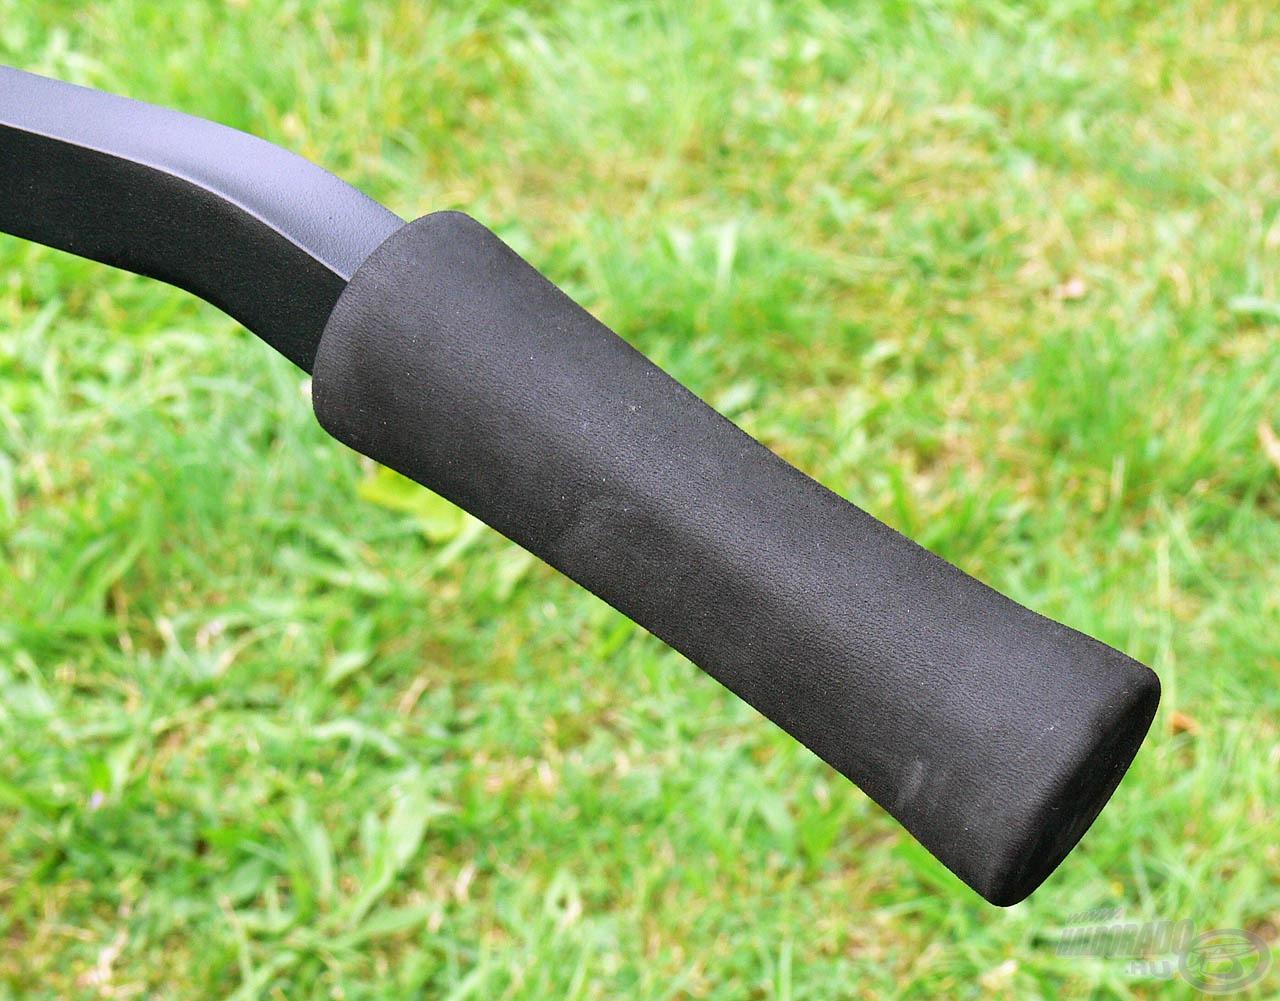 A kerékrendszerhez 88 cm hosszúságú nyelek tartoznak, melyek puha szivacsozott végei nagyon kényelmesen foghatóak